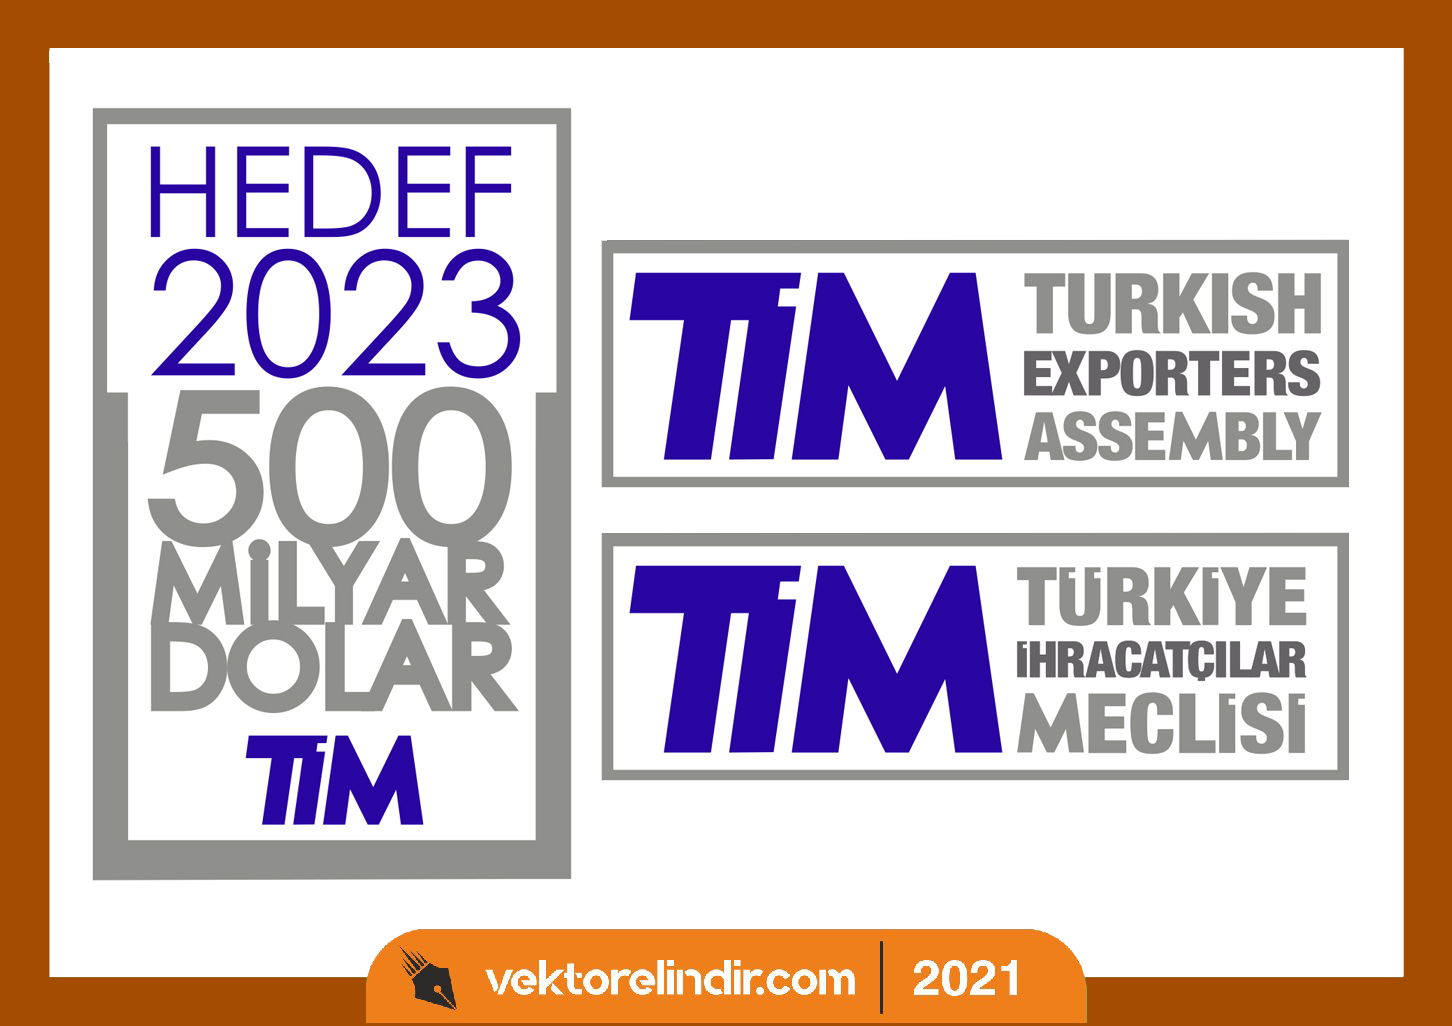 hedef,2023,logo,vektorel,ithalatcılar,meclisi,türkiye